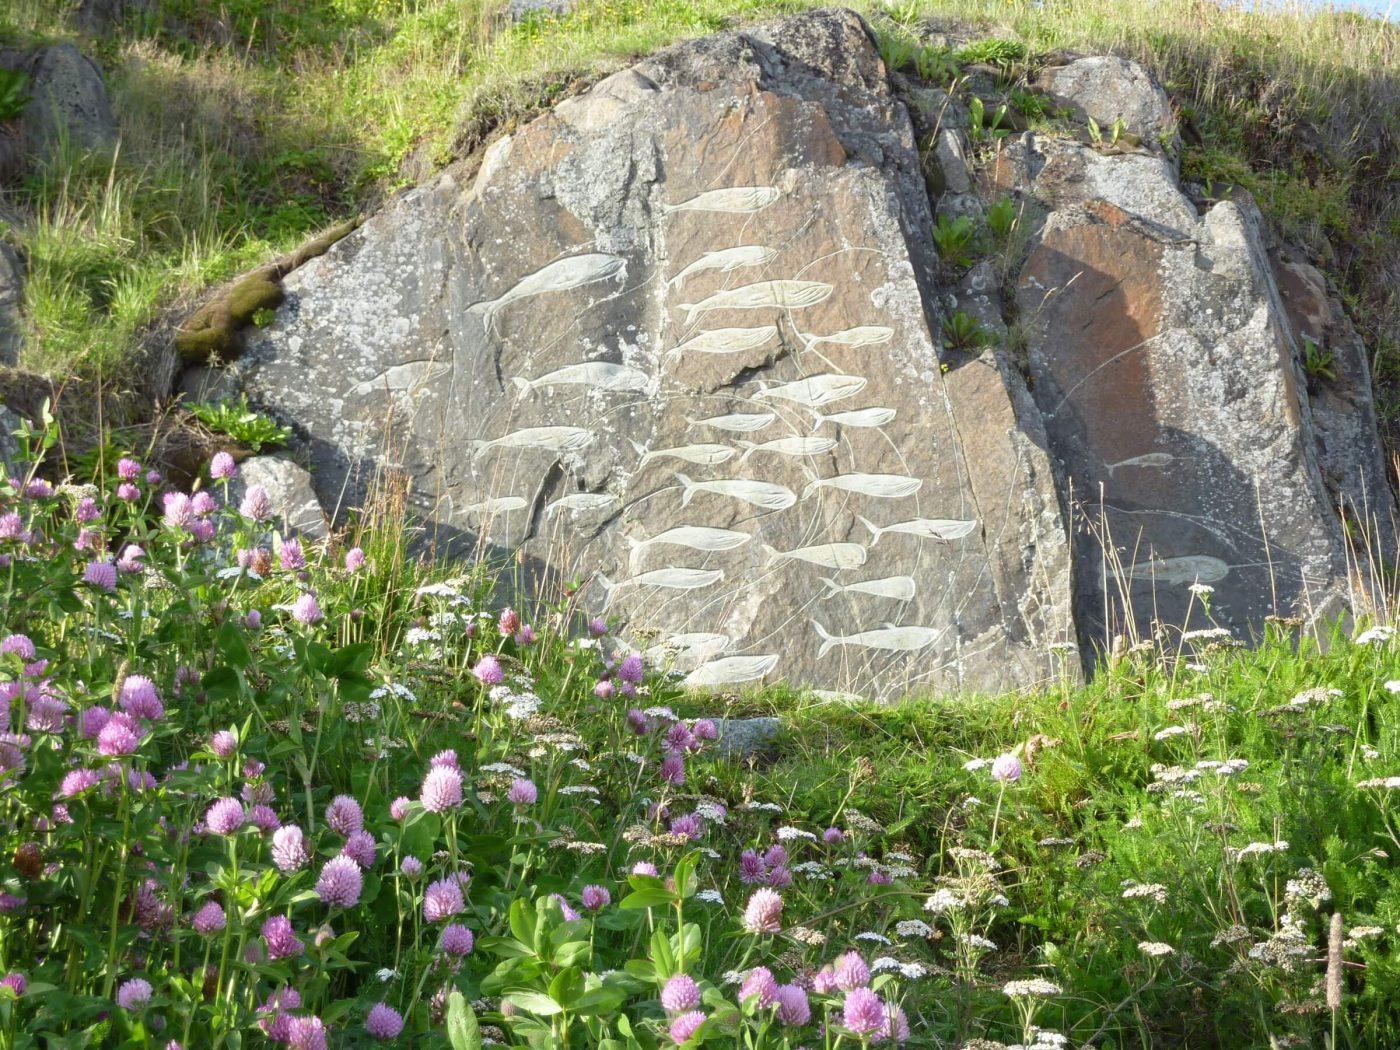 Flowers at the 'stone And Man' stone art in Qaqortoq, by Malik Milfeldt